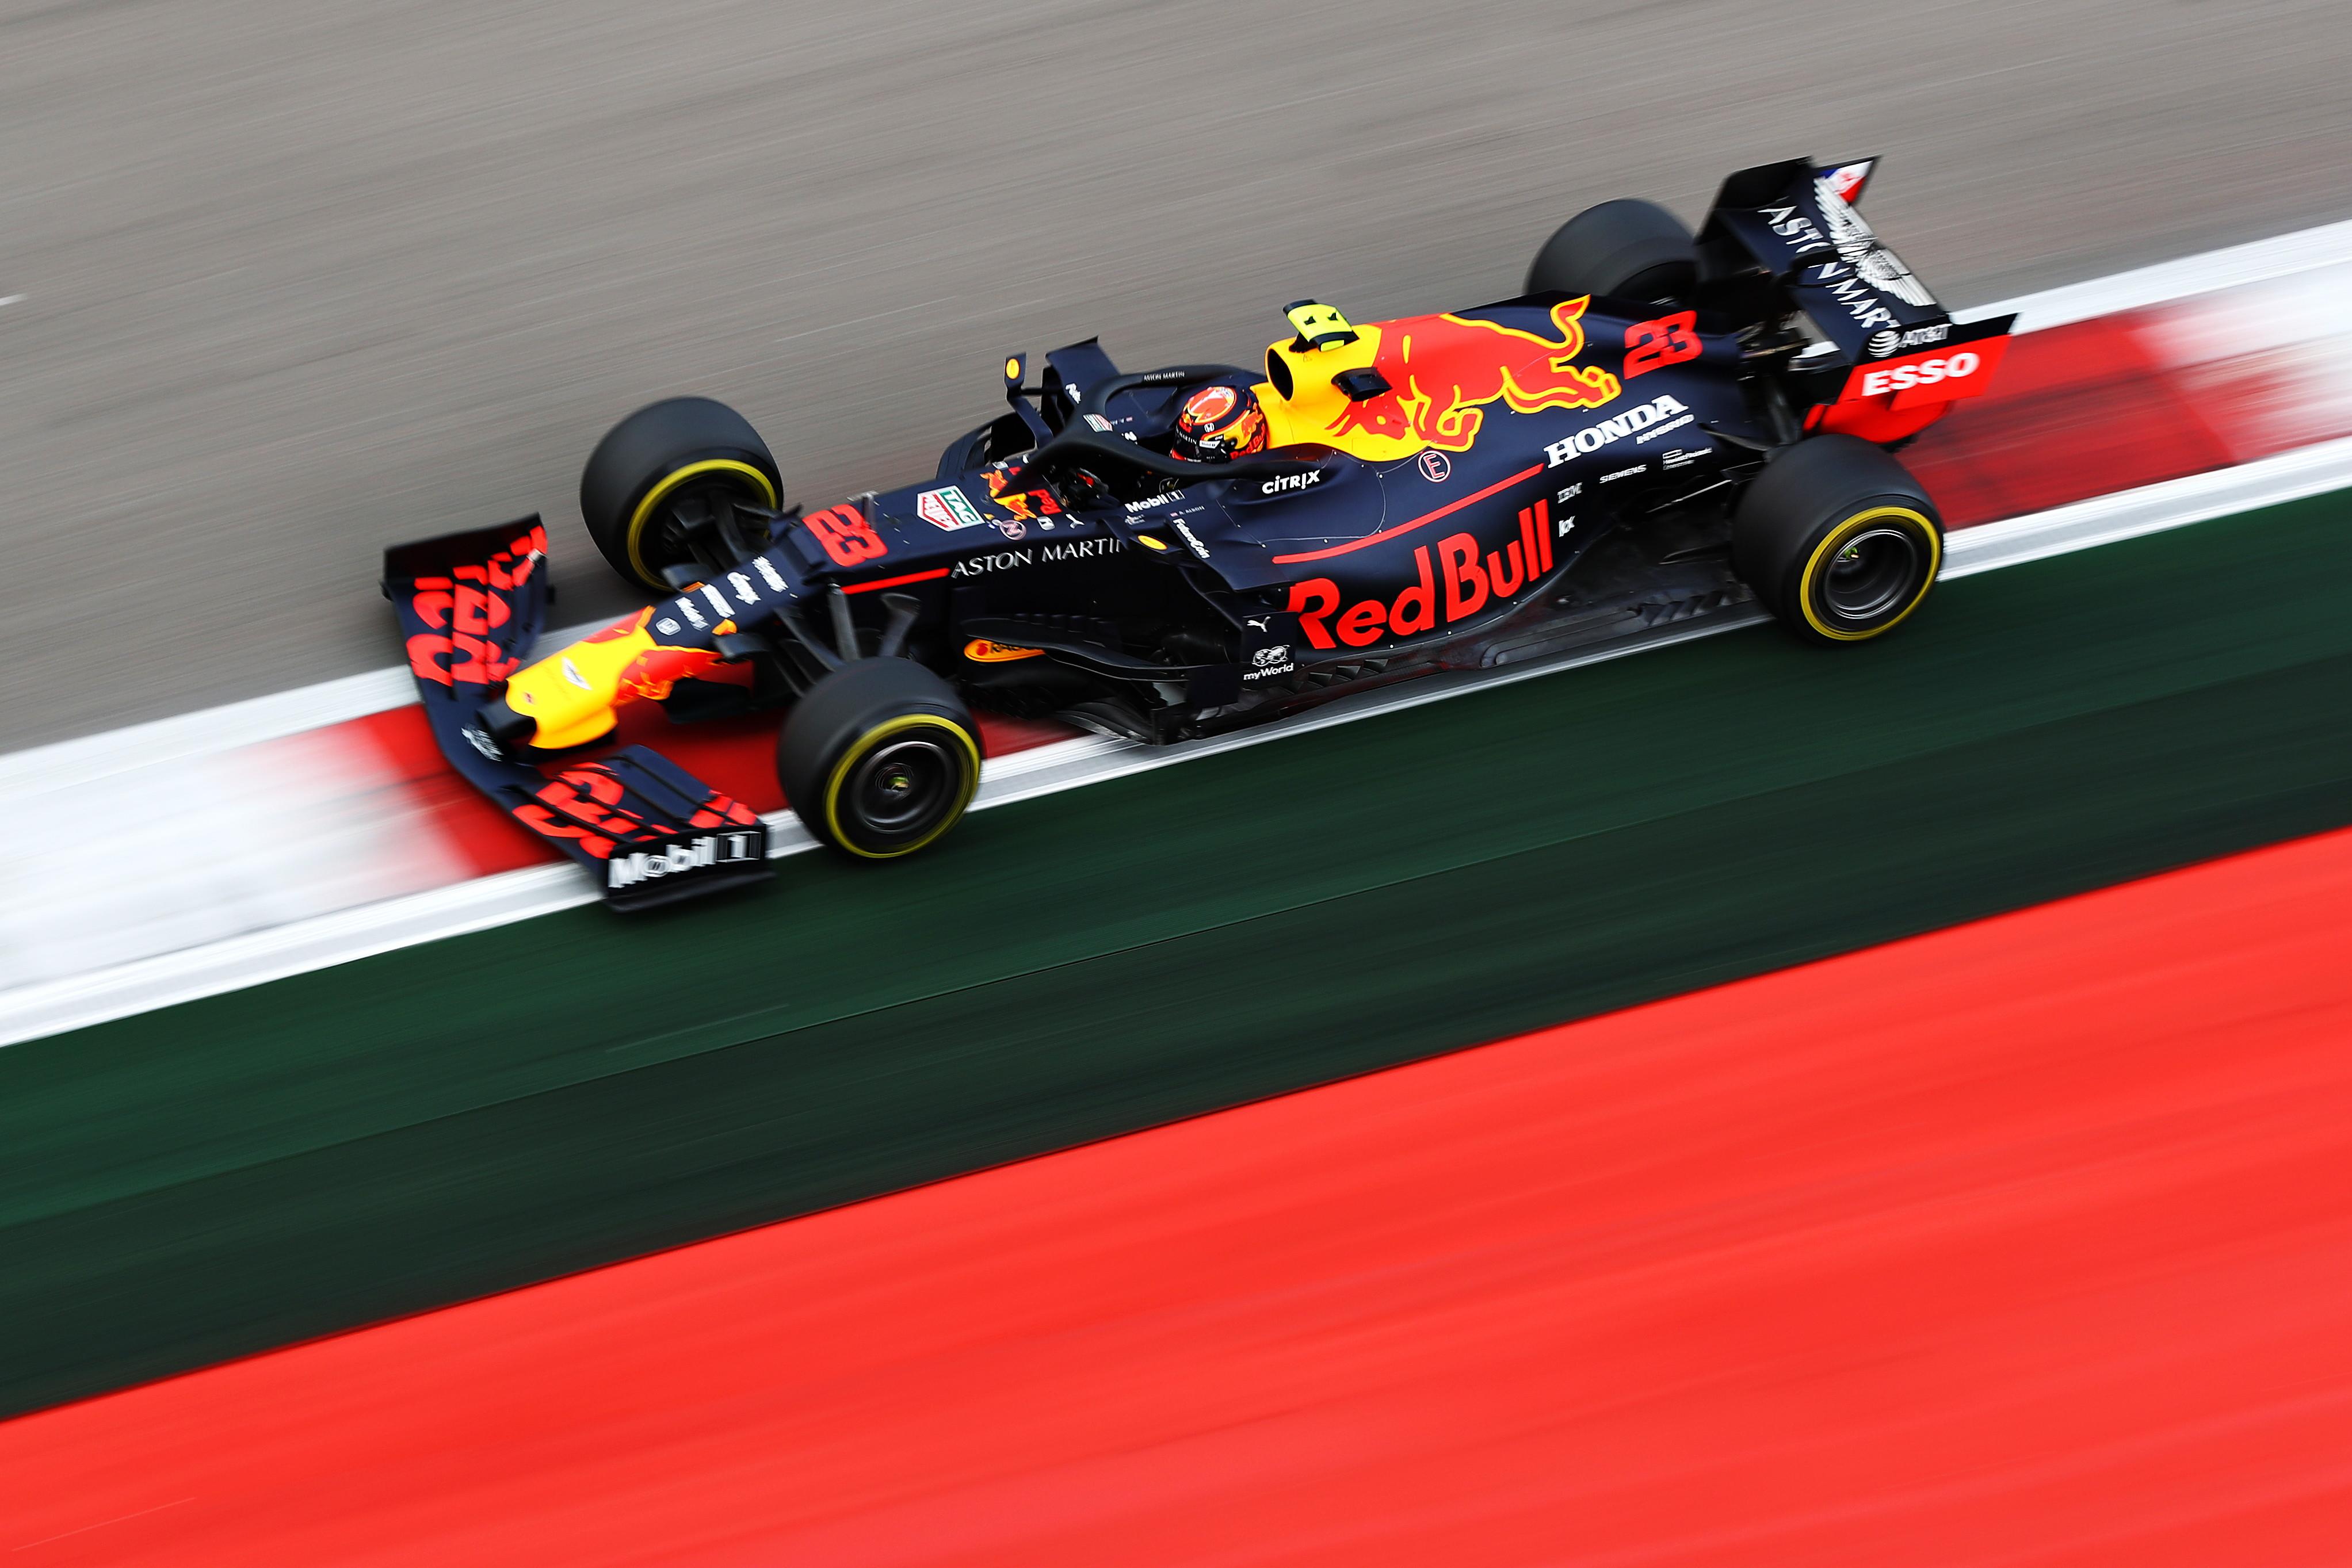 Quarta pole di fila per il monegasco a Sochi, a un pilota Ferrari non accadeva dai tempi di Schumacher